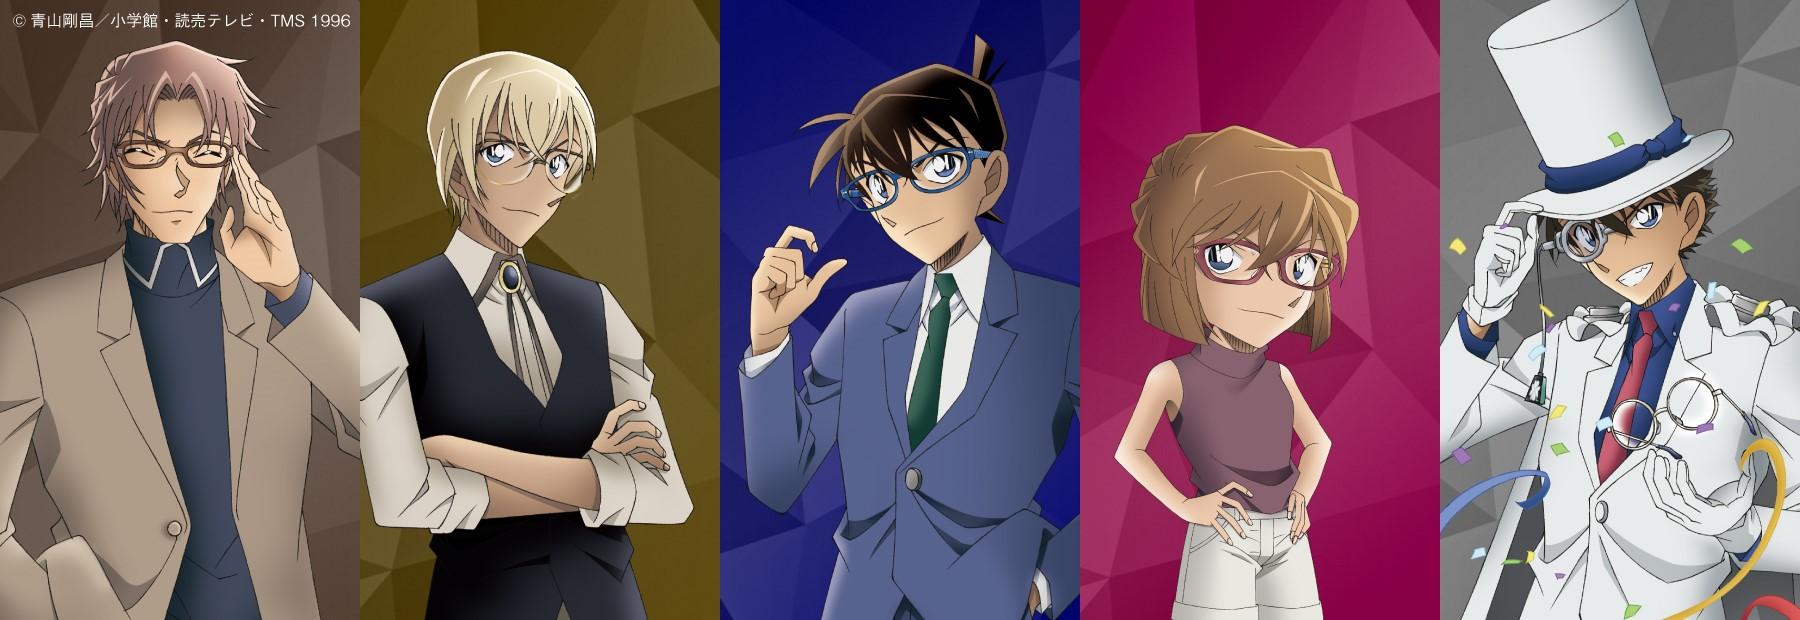 Zoff×名探偵コナンのコラボメガネ全5種、オンラインストアで予約販売!